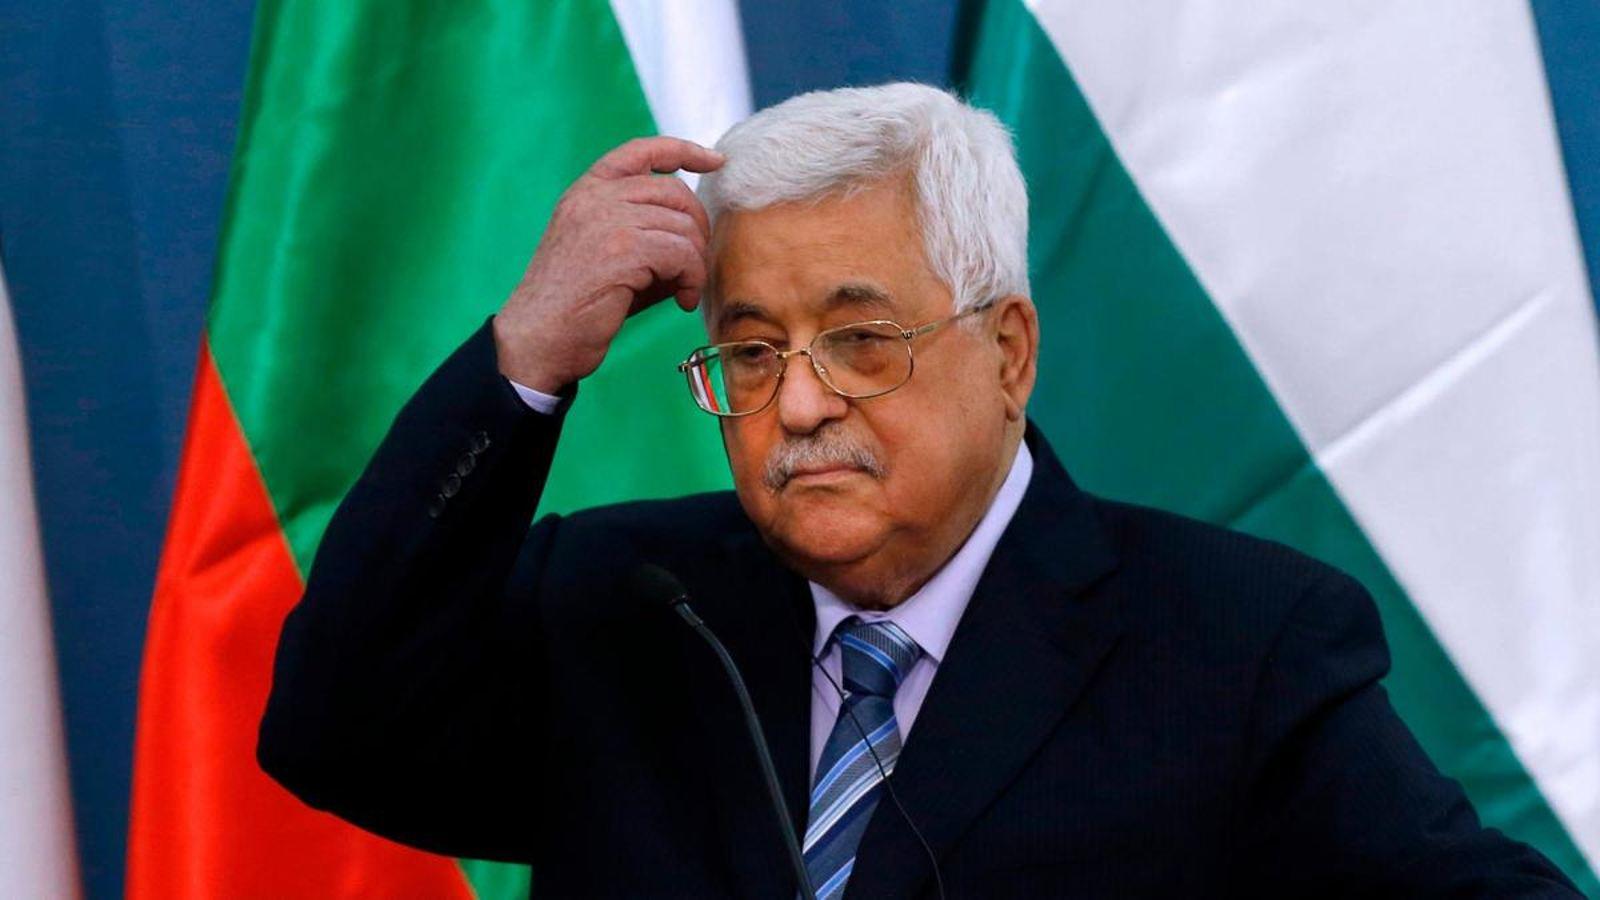 """¿El nuevo gobierno israelí abordará la política de """"pago por muerte"""" de la Autoridad Palestina?"""